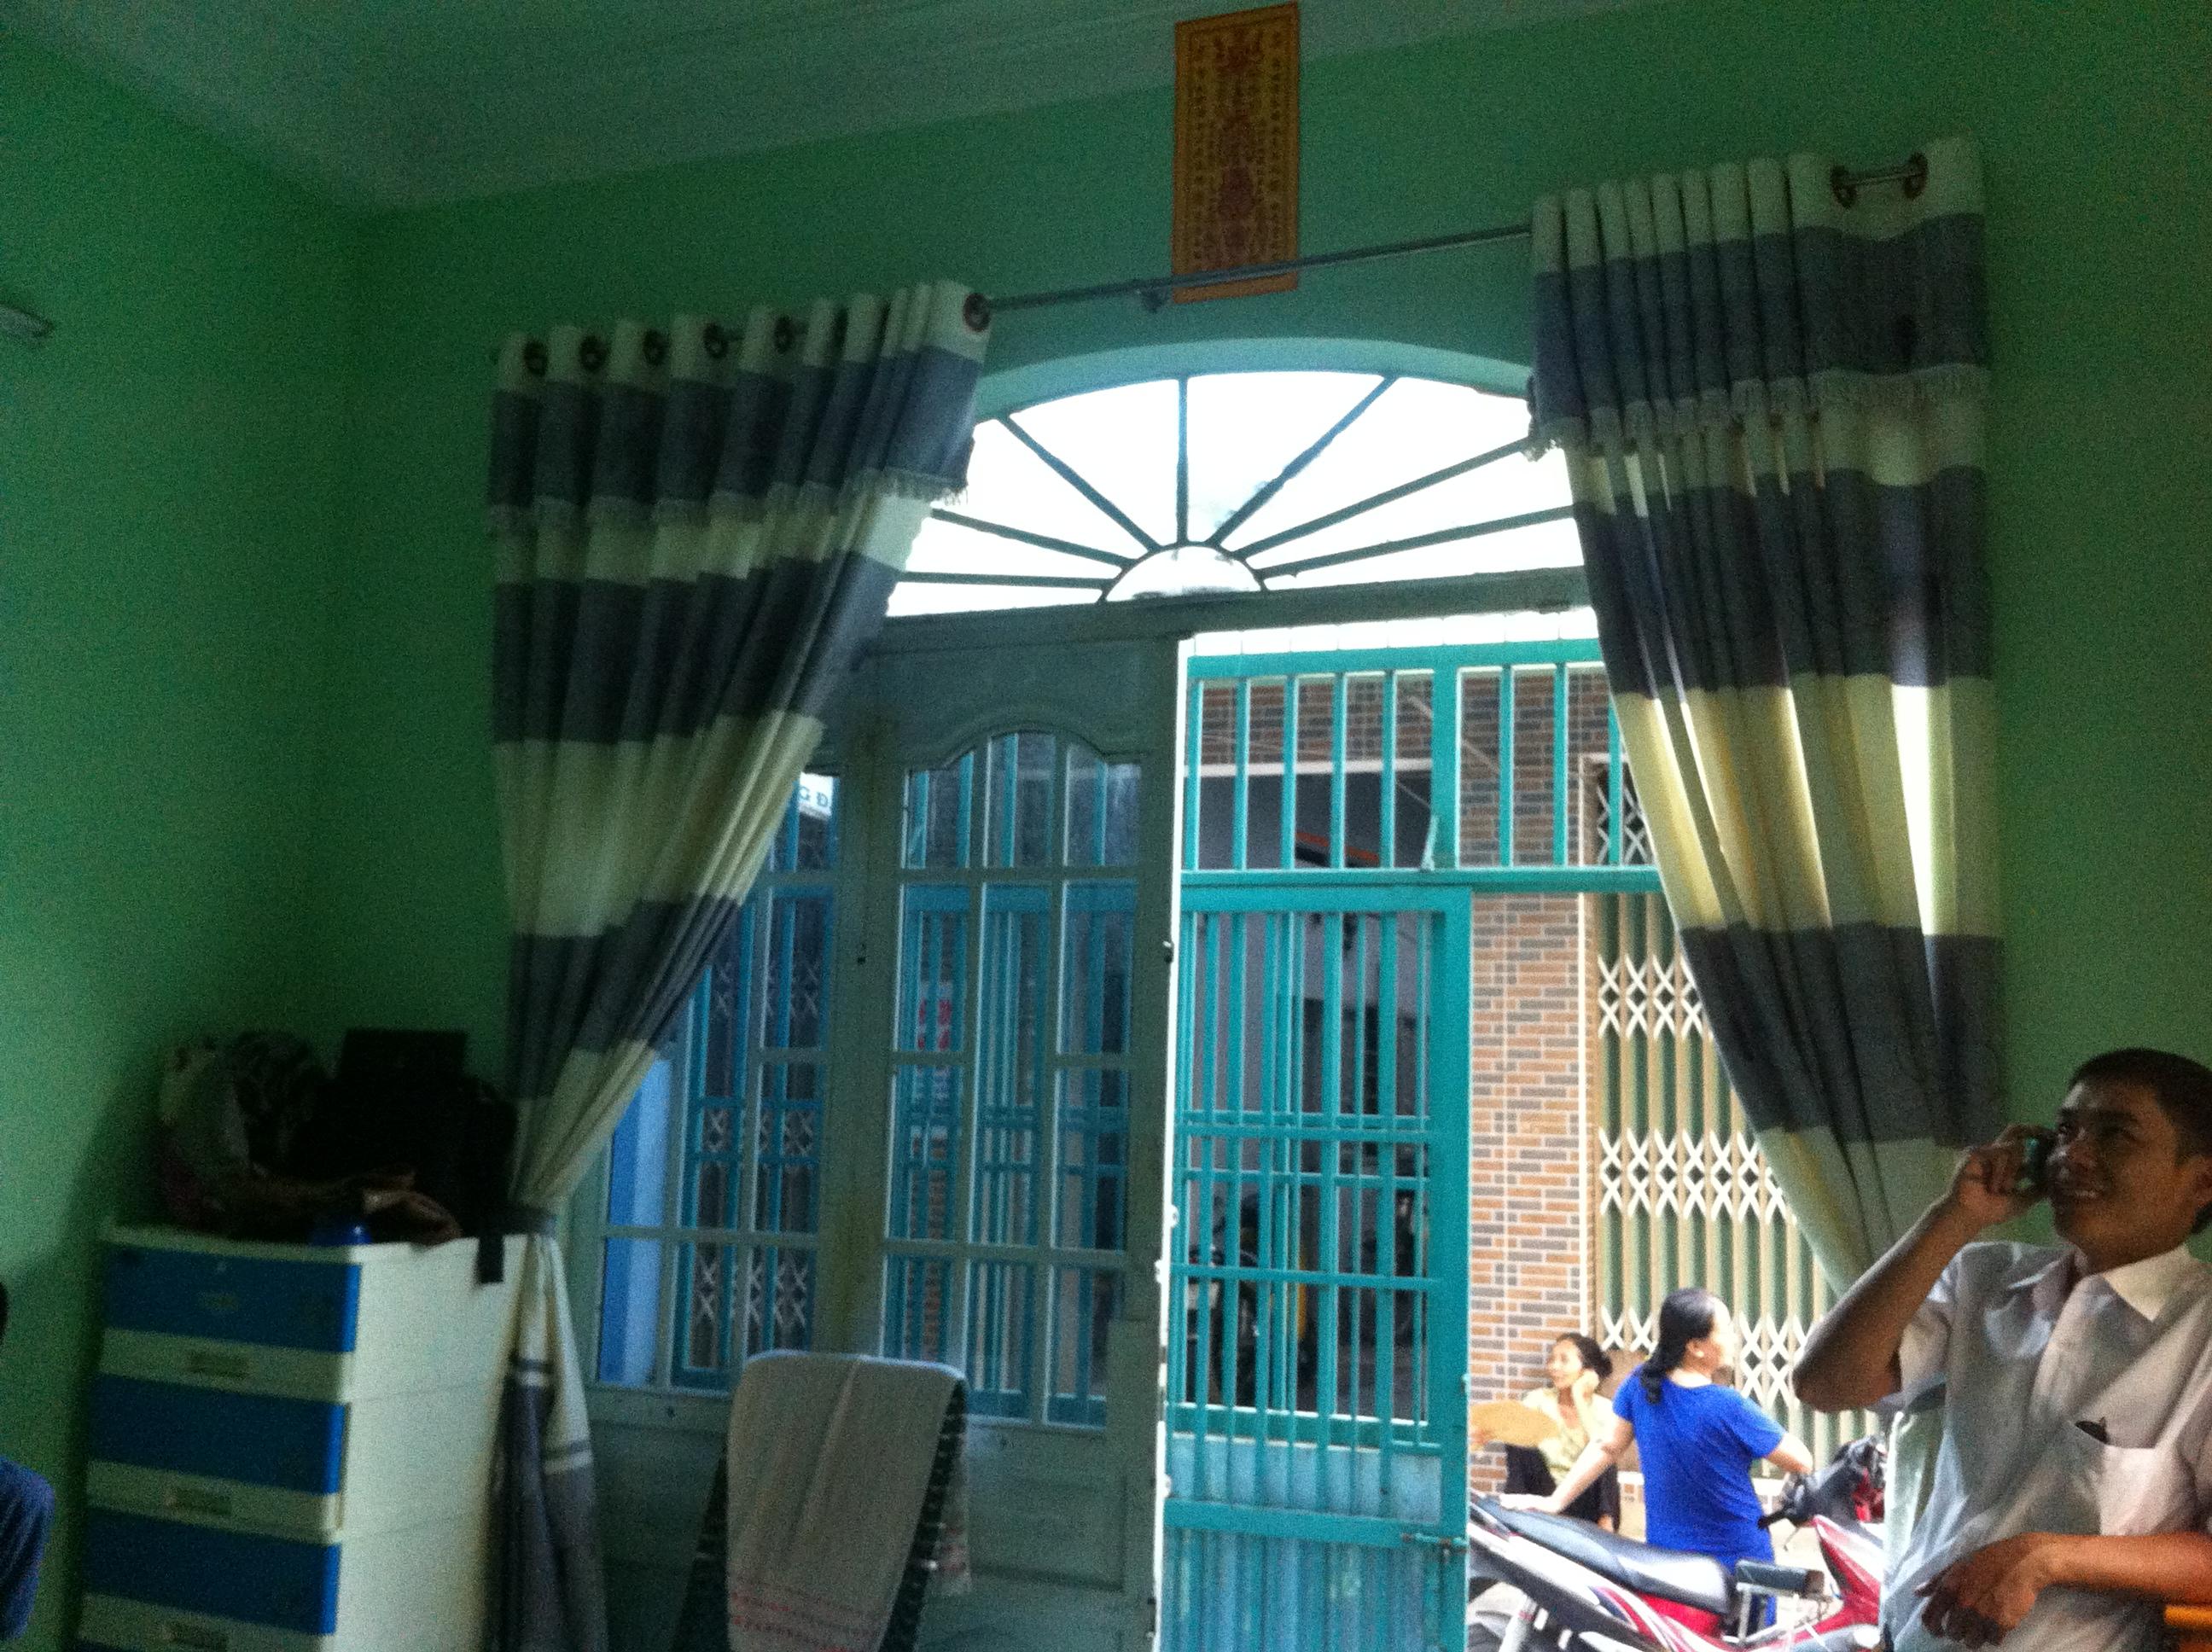 Cách trang trí nhà khu dân cư trung tâm hành chính dĩ an, nhà có 2 phòng trọ